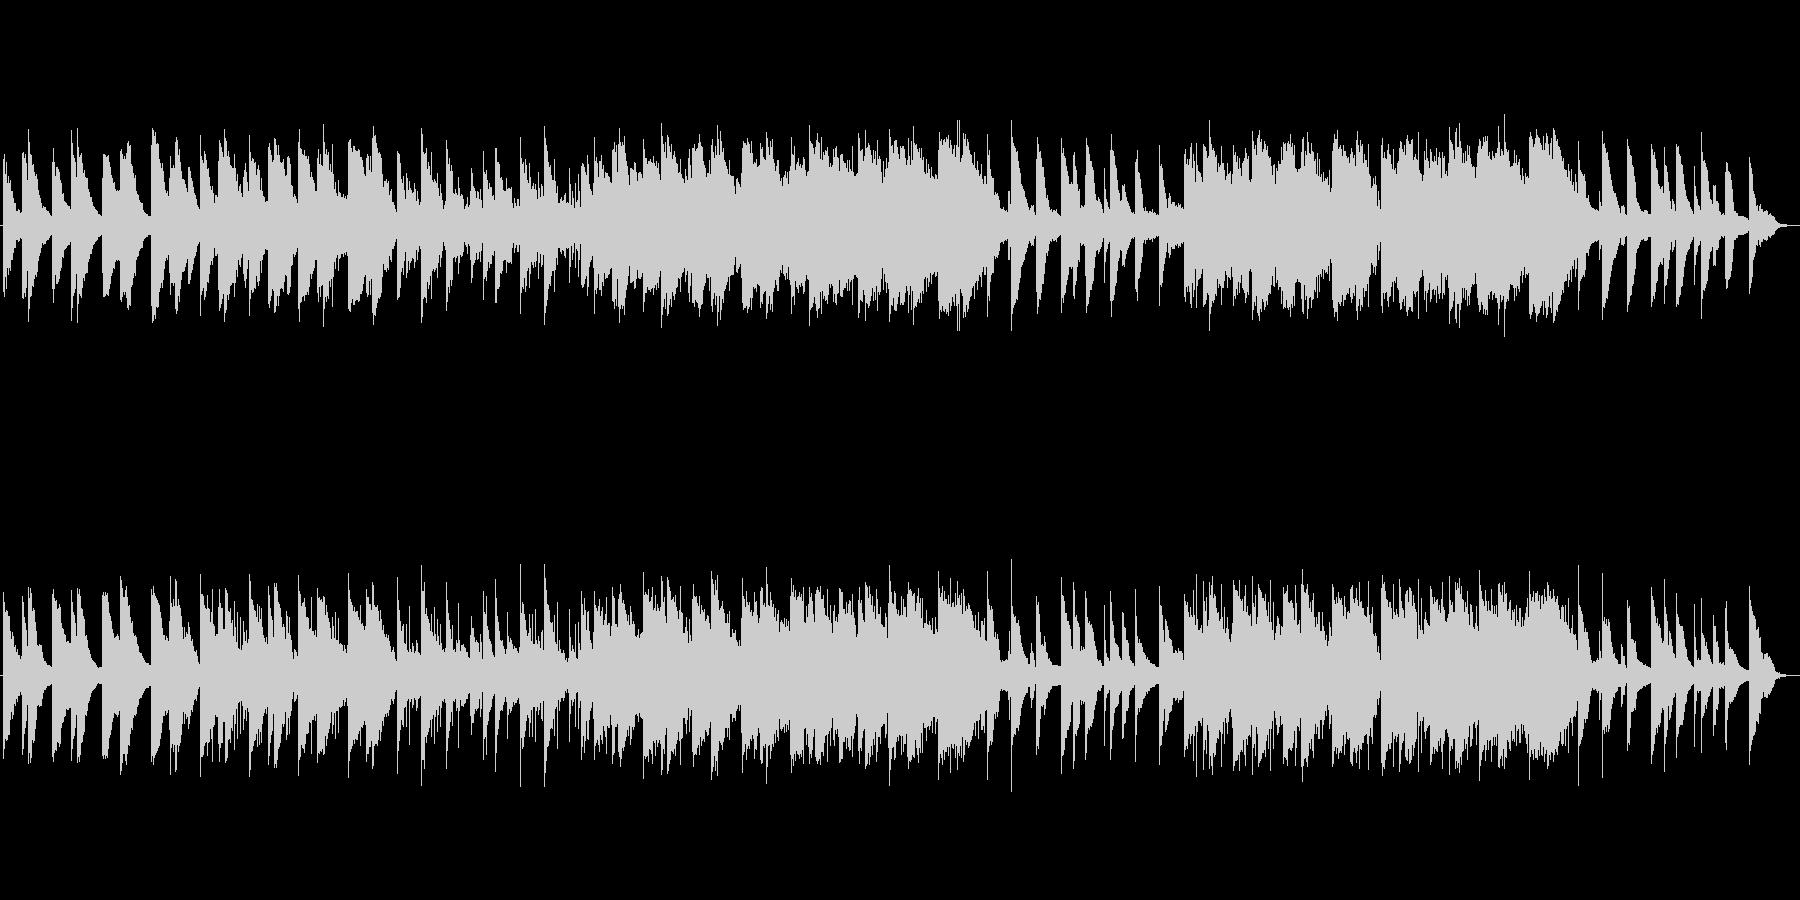 ピアノによる感動的なサウンドトラックの未再生の波形